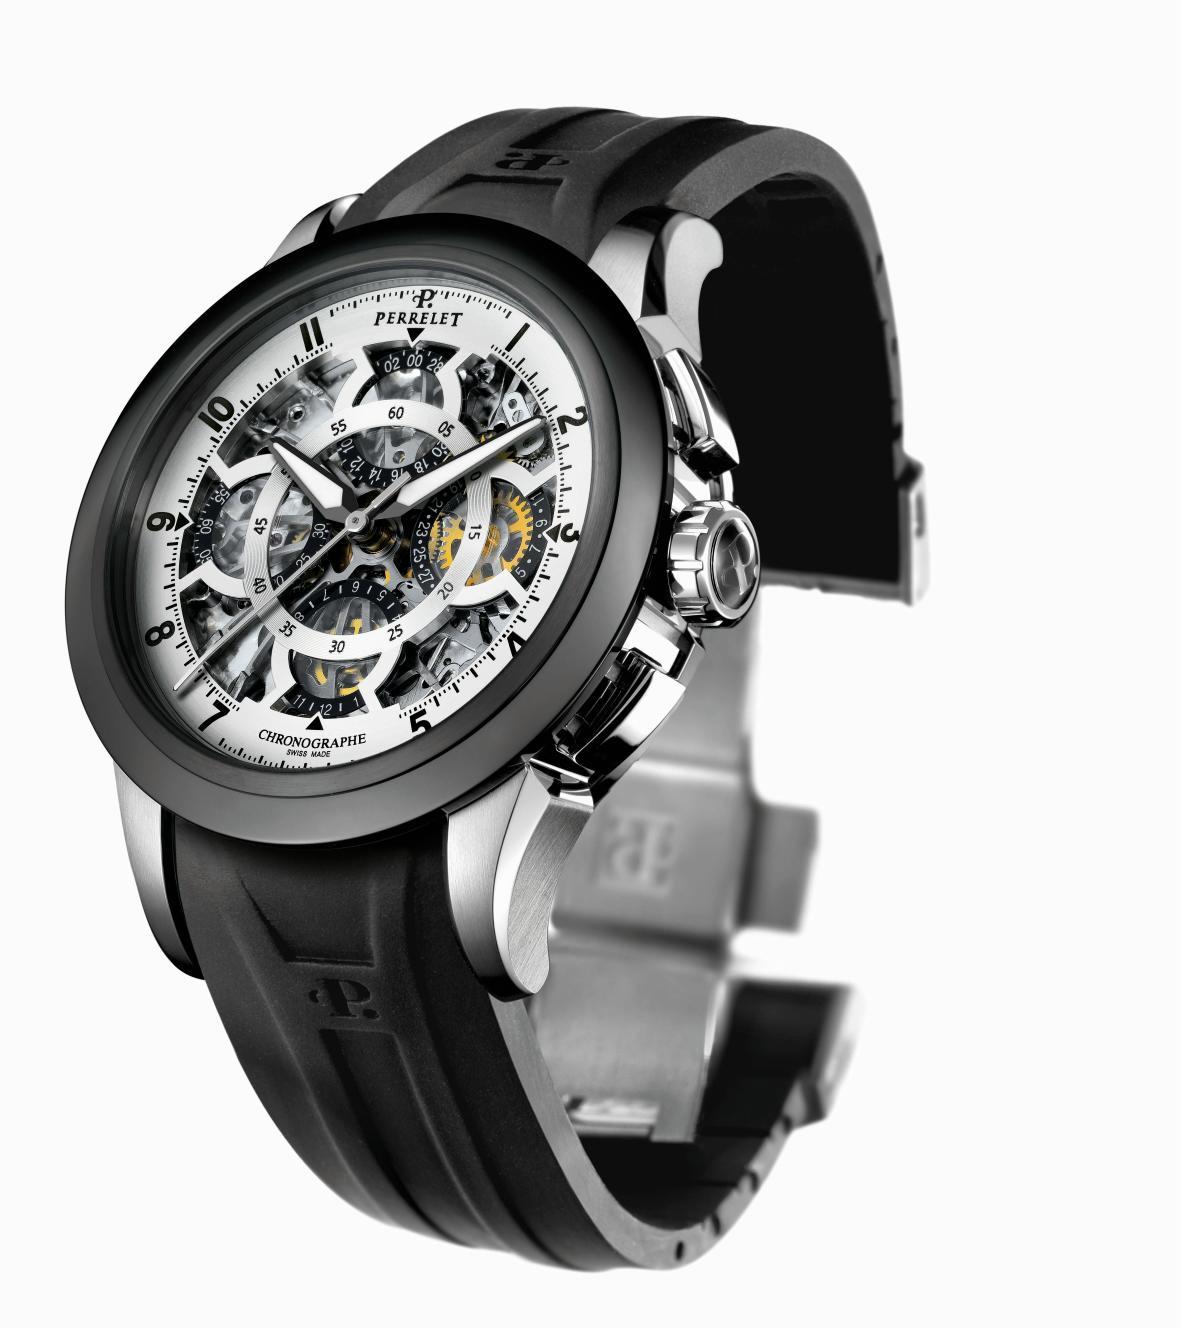 мужские часы наручные золотые купить в спб